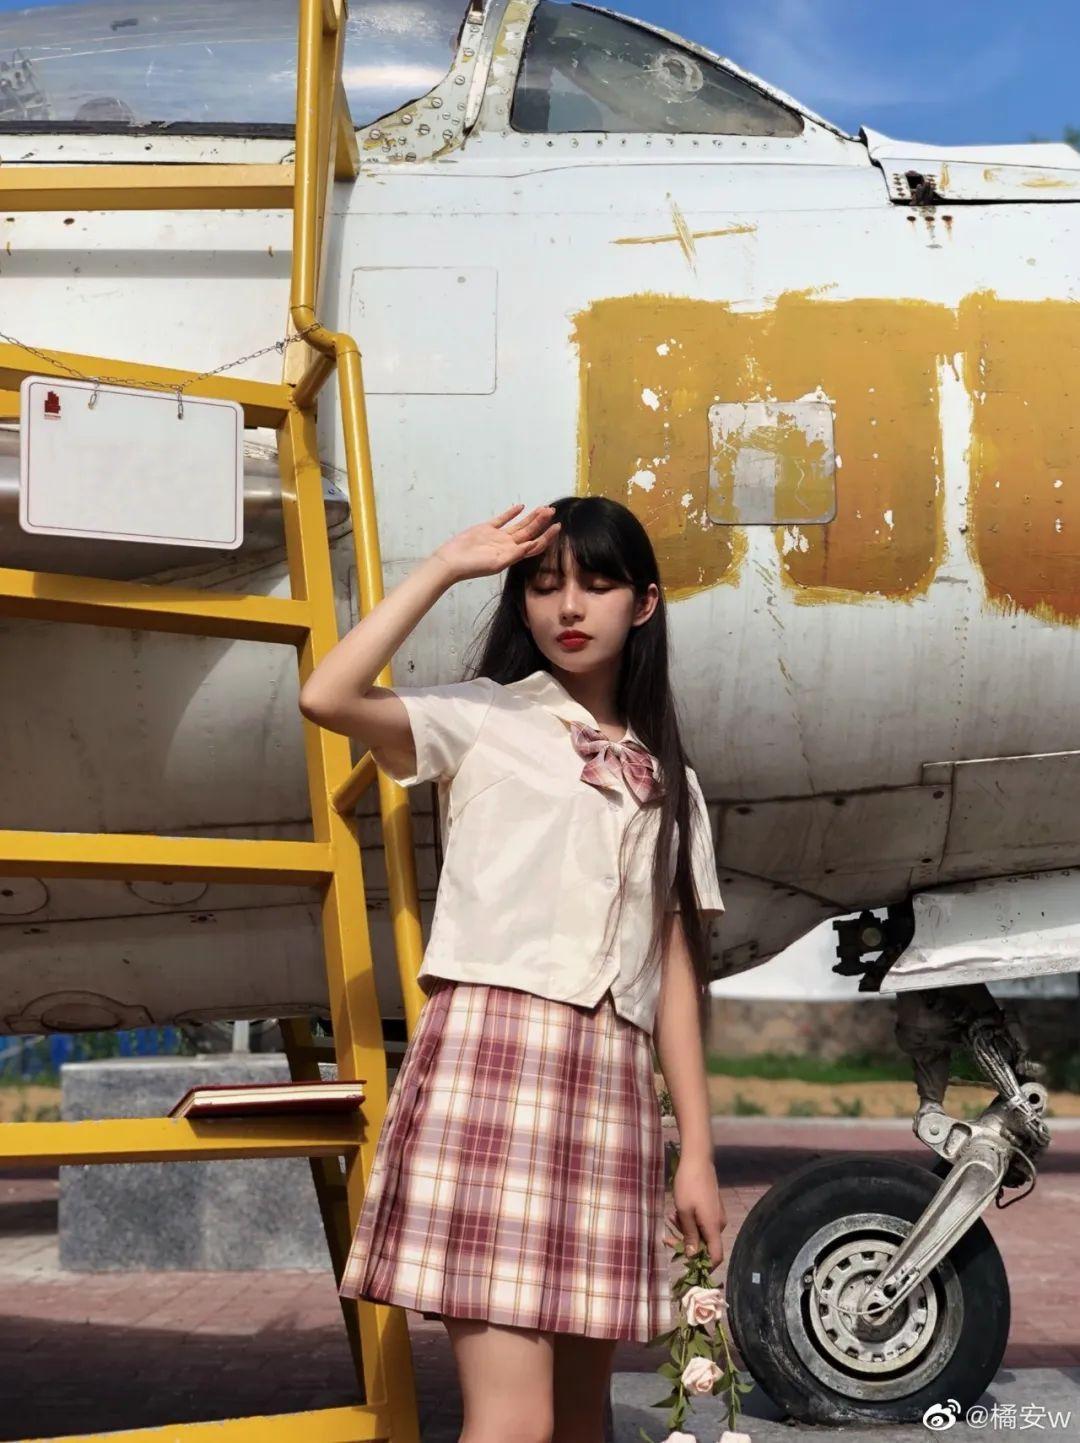 妹子摄影 – JK制服白丝小腿袜少女,初恋的香气_图片 No.10